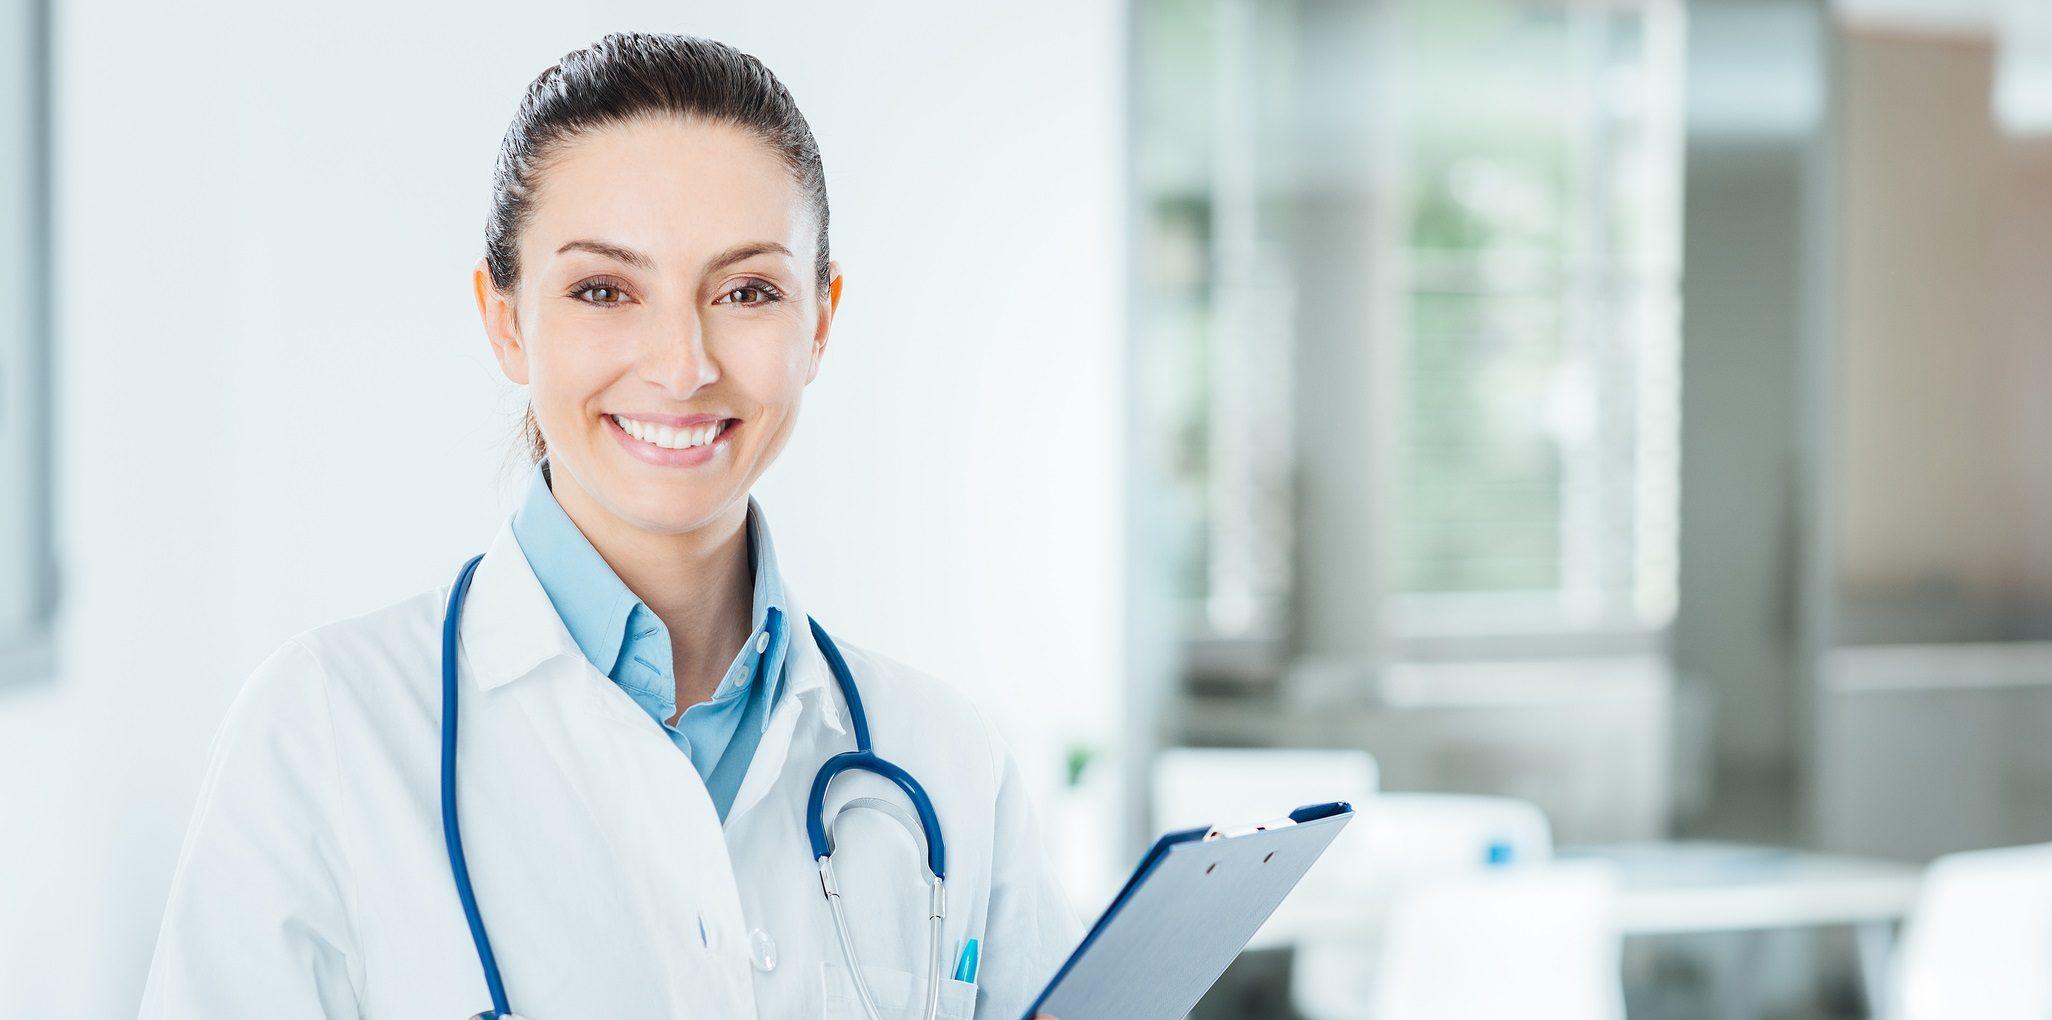 -برخی خدماتی که پزشکان در هر تخصصی در منزل انجام می دهند چه هستند؟